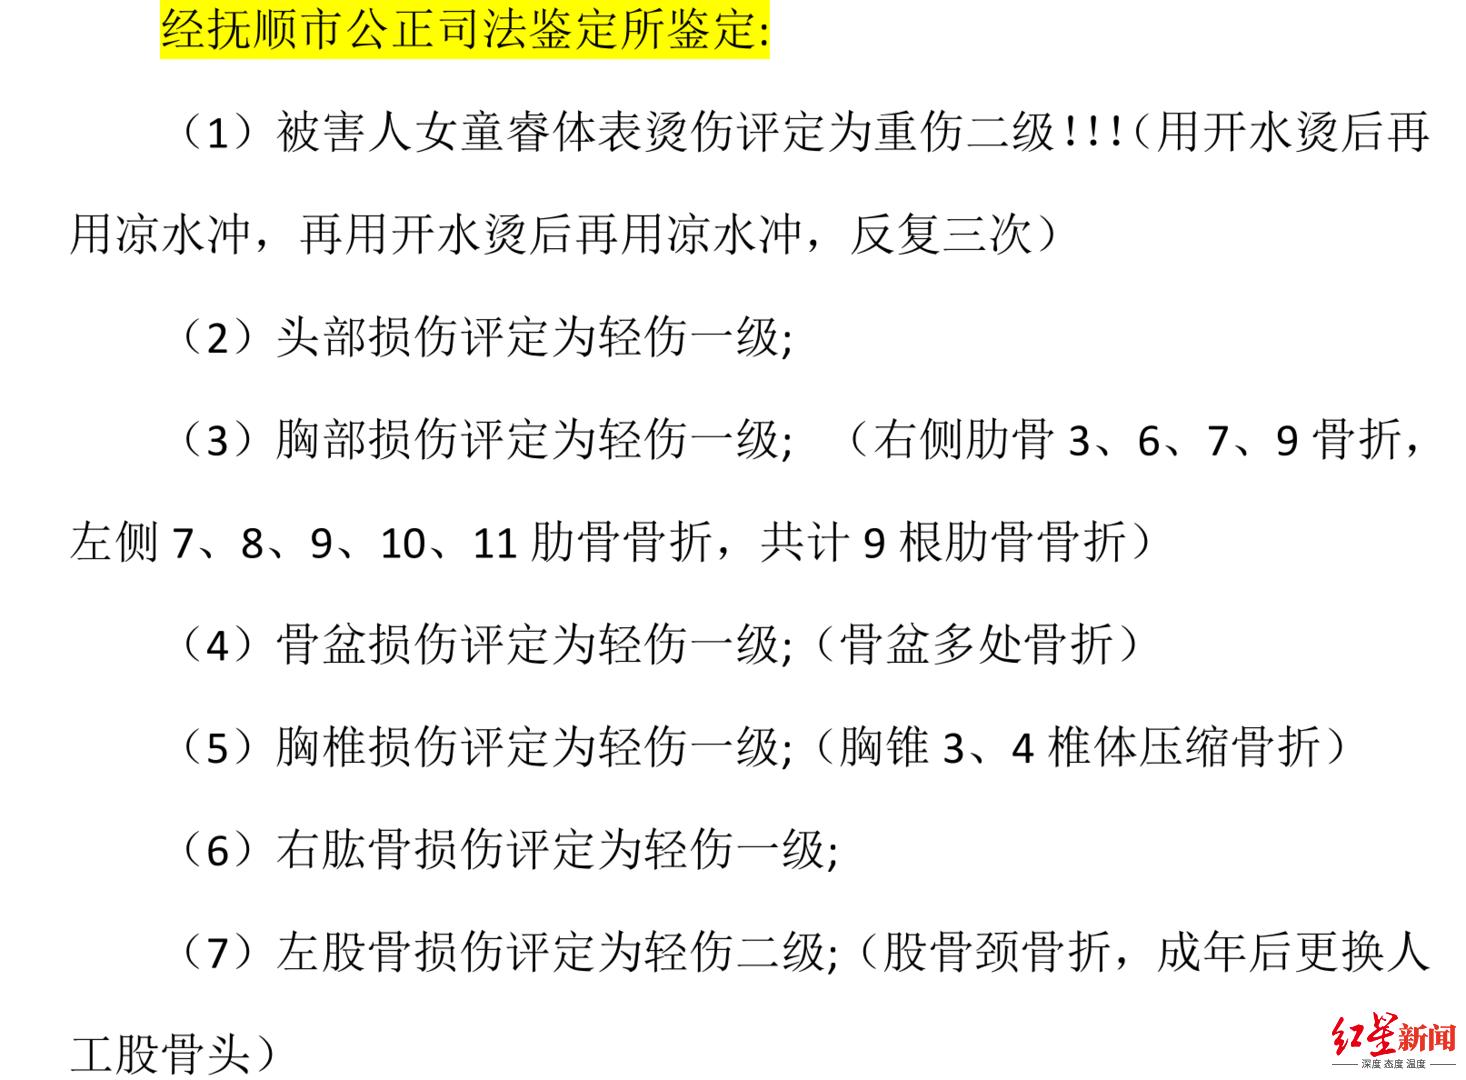 辽宁抚顺女童被虐待案宣判:两名被告人分别获刑16年和3年